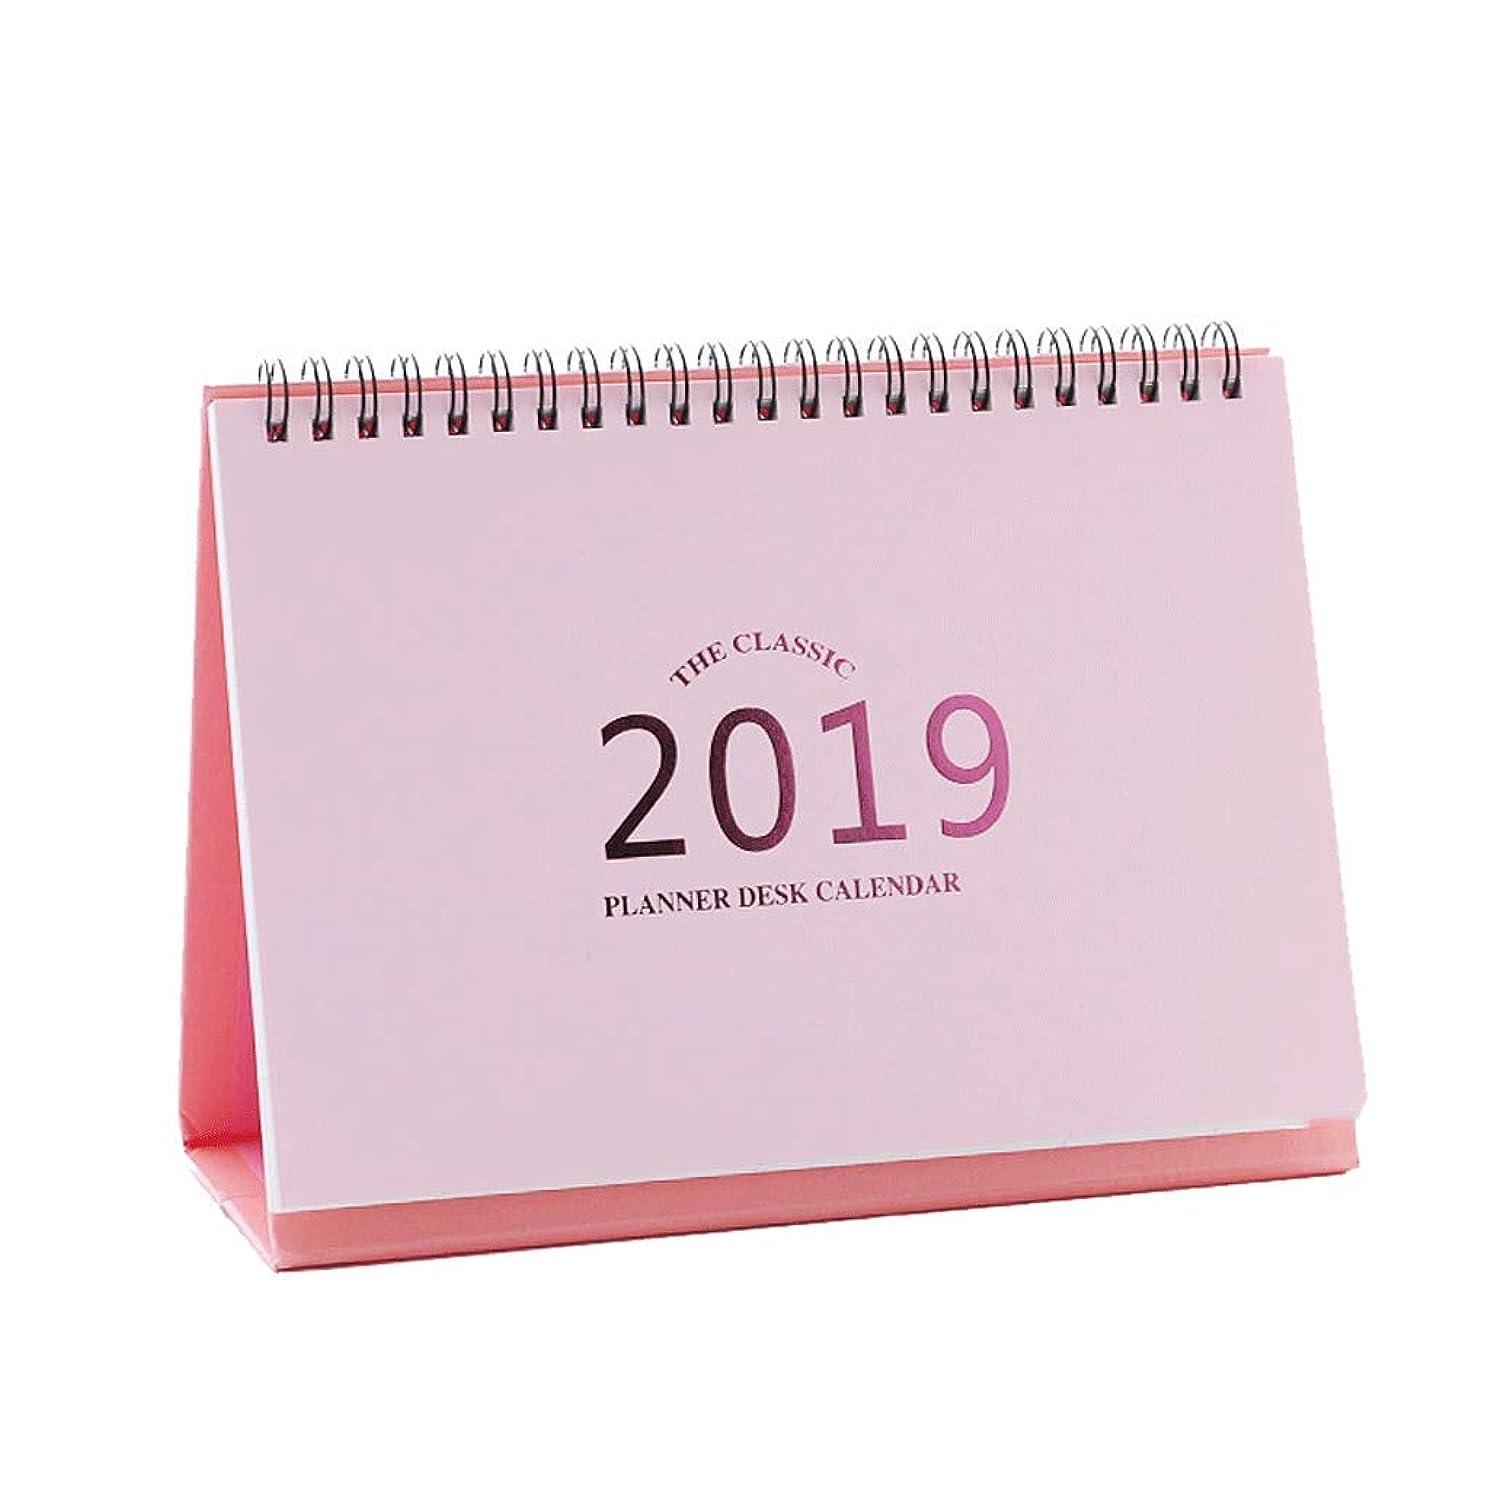 三に向かって荒れ地2019 クリエイティブ 新年カレンダー スマート ミニマリスト キュート ミニ デスクカレンダー レトロ クラフトカレンダー カスタムデスクカレンダー 旅行管理。 156423